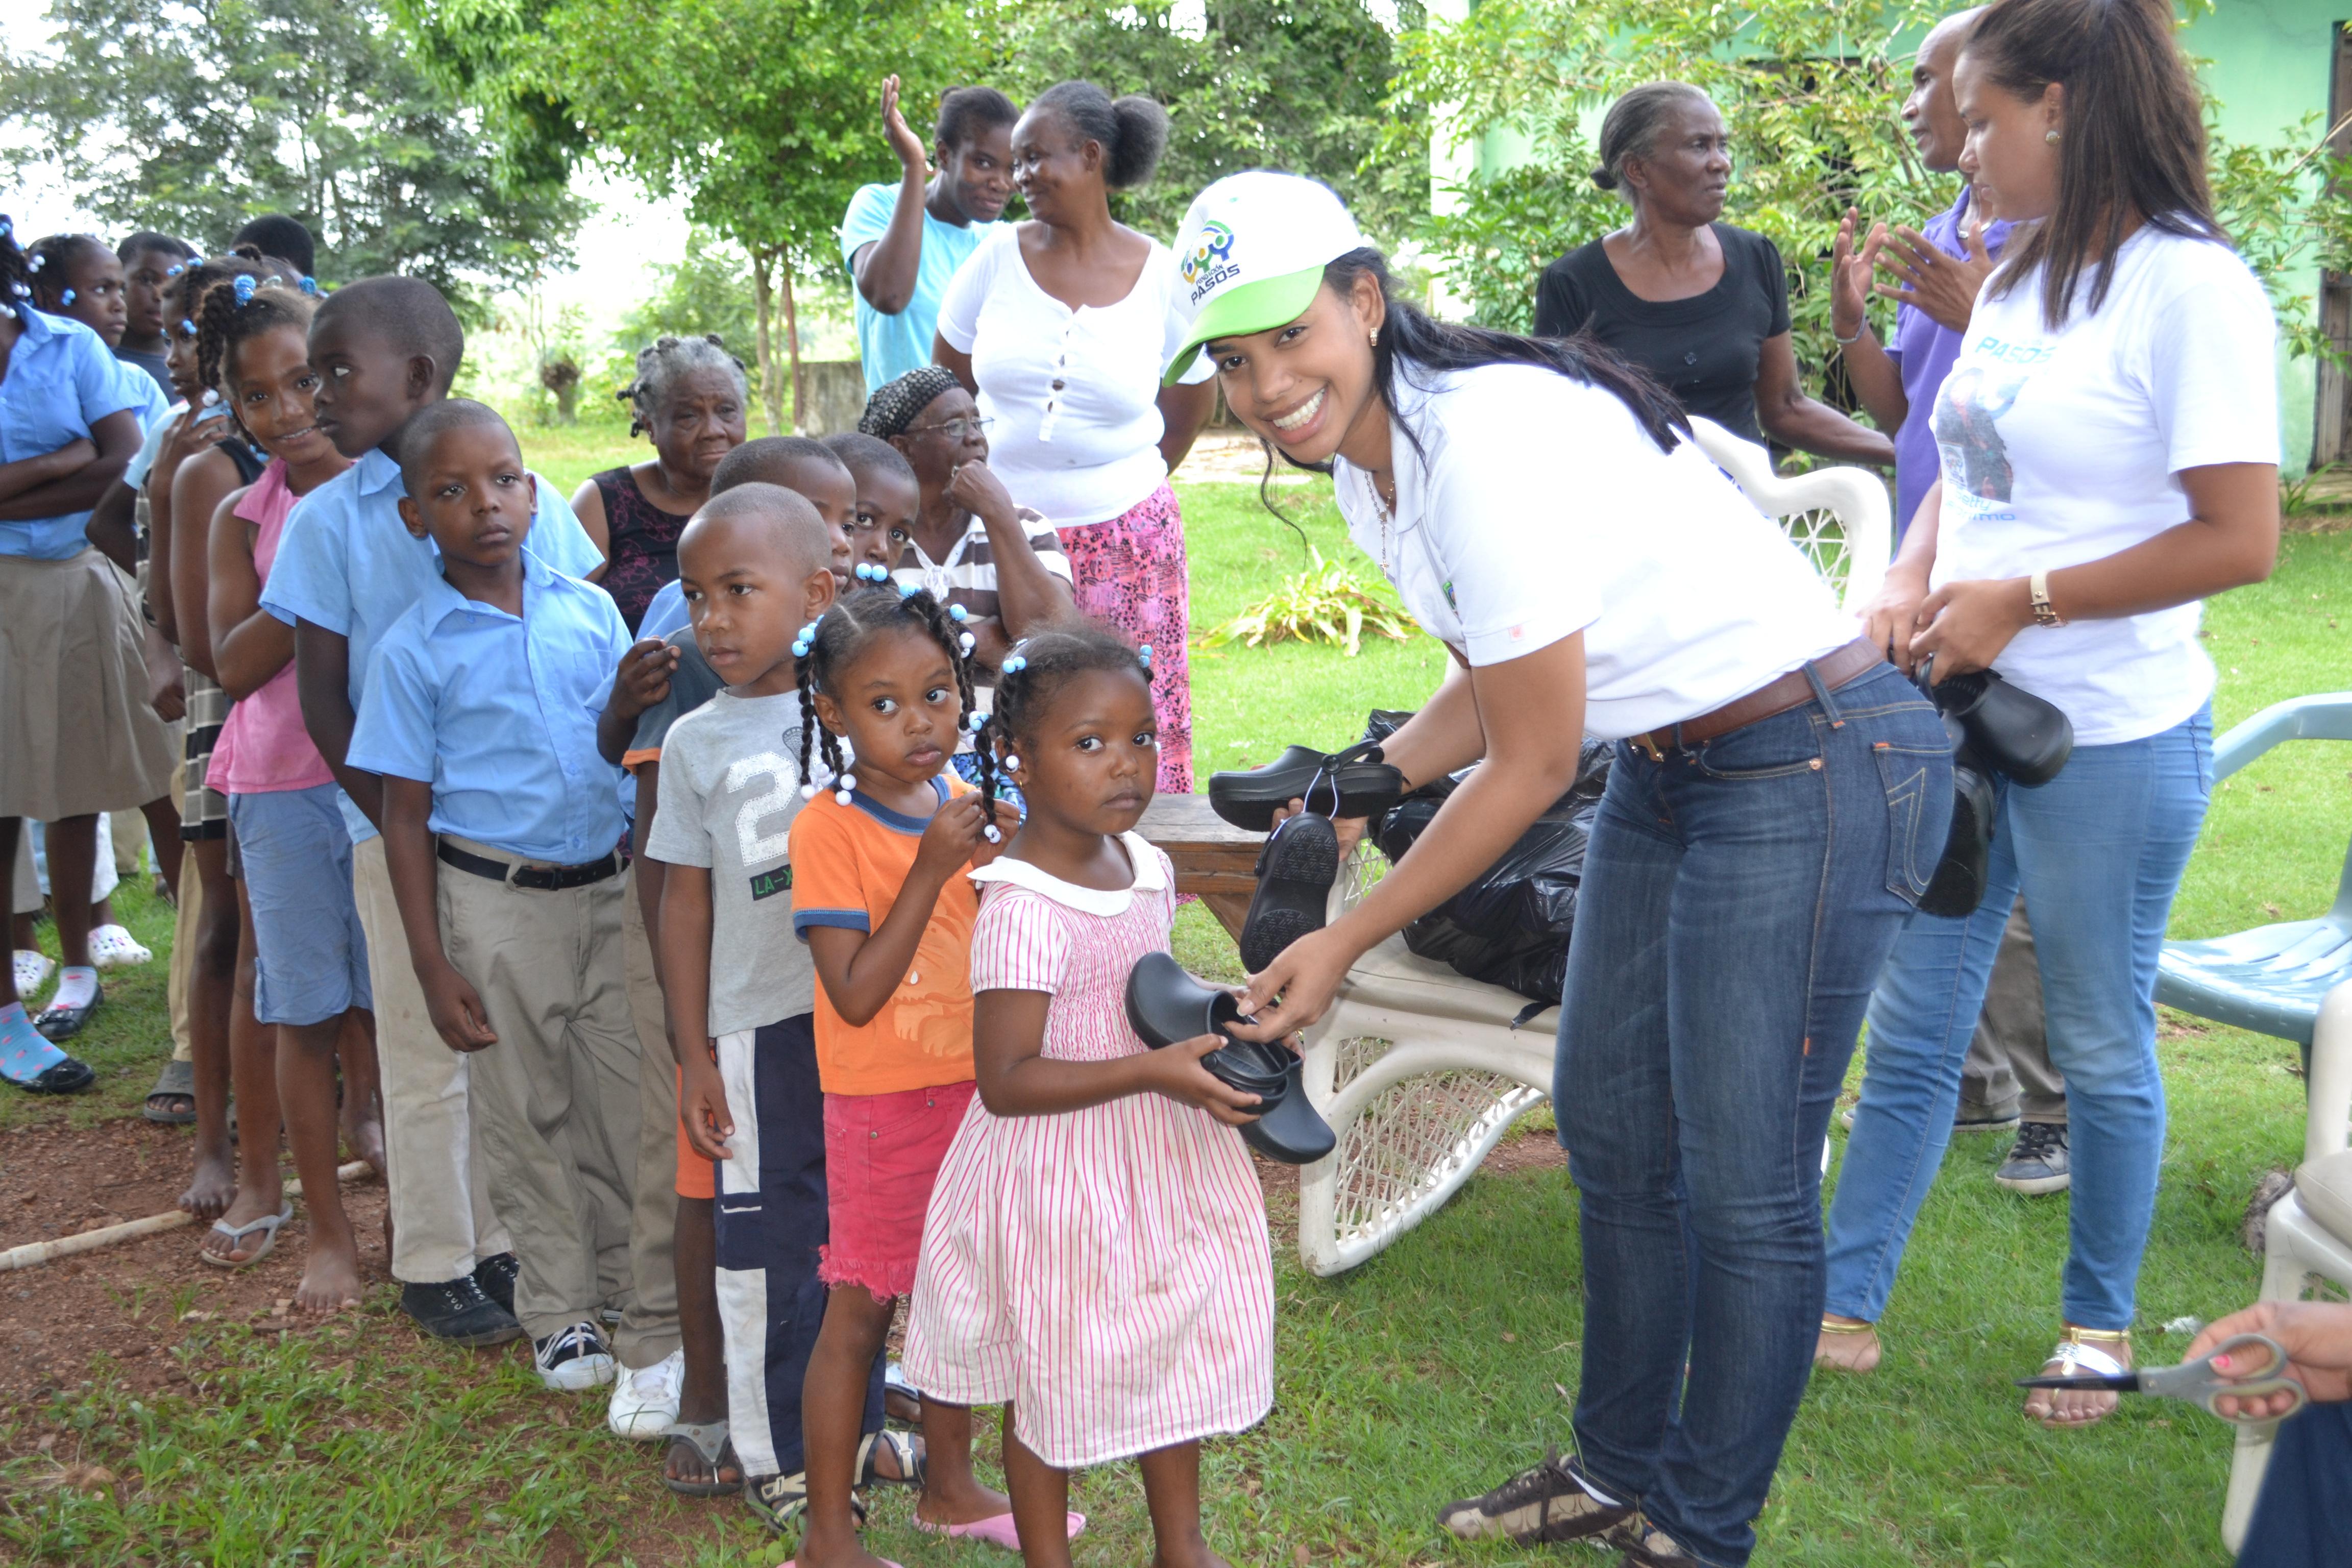 La Fundación PASOS dona cientos de zapatos a niños de escasos recursos